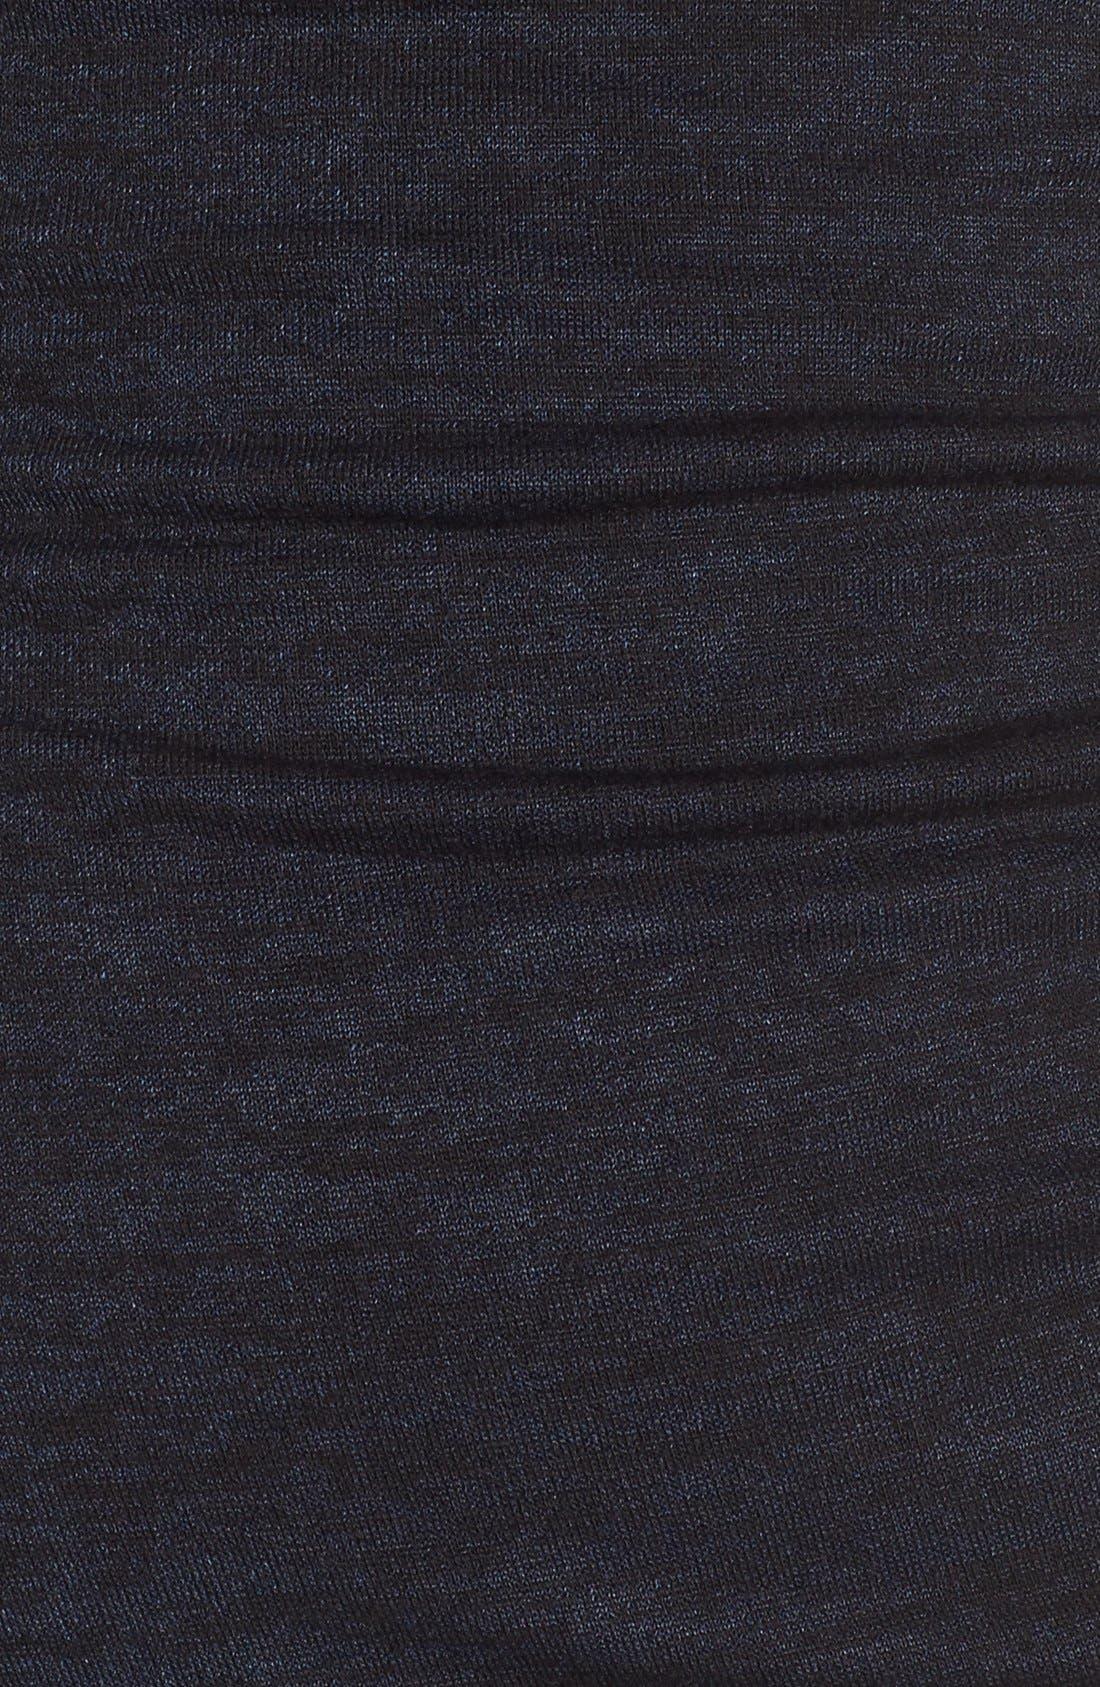 V-Neck Ruched Dress,                             Alternate thumbnail 8, color,